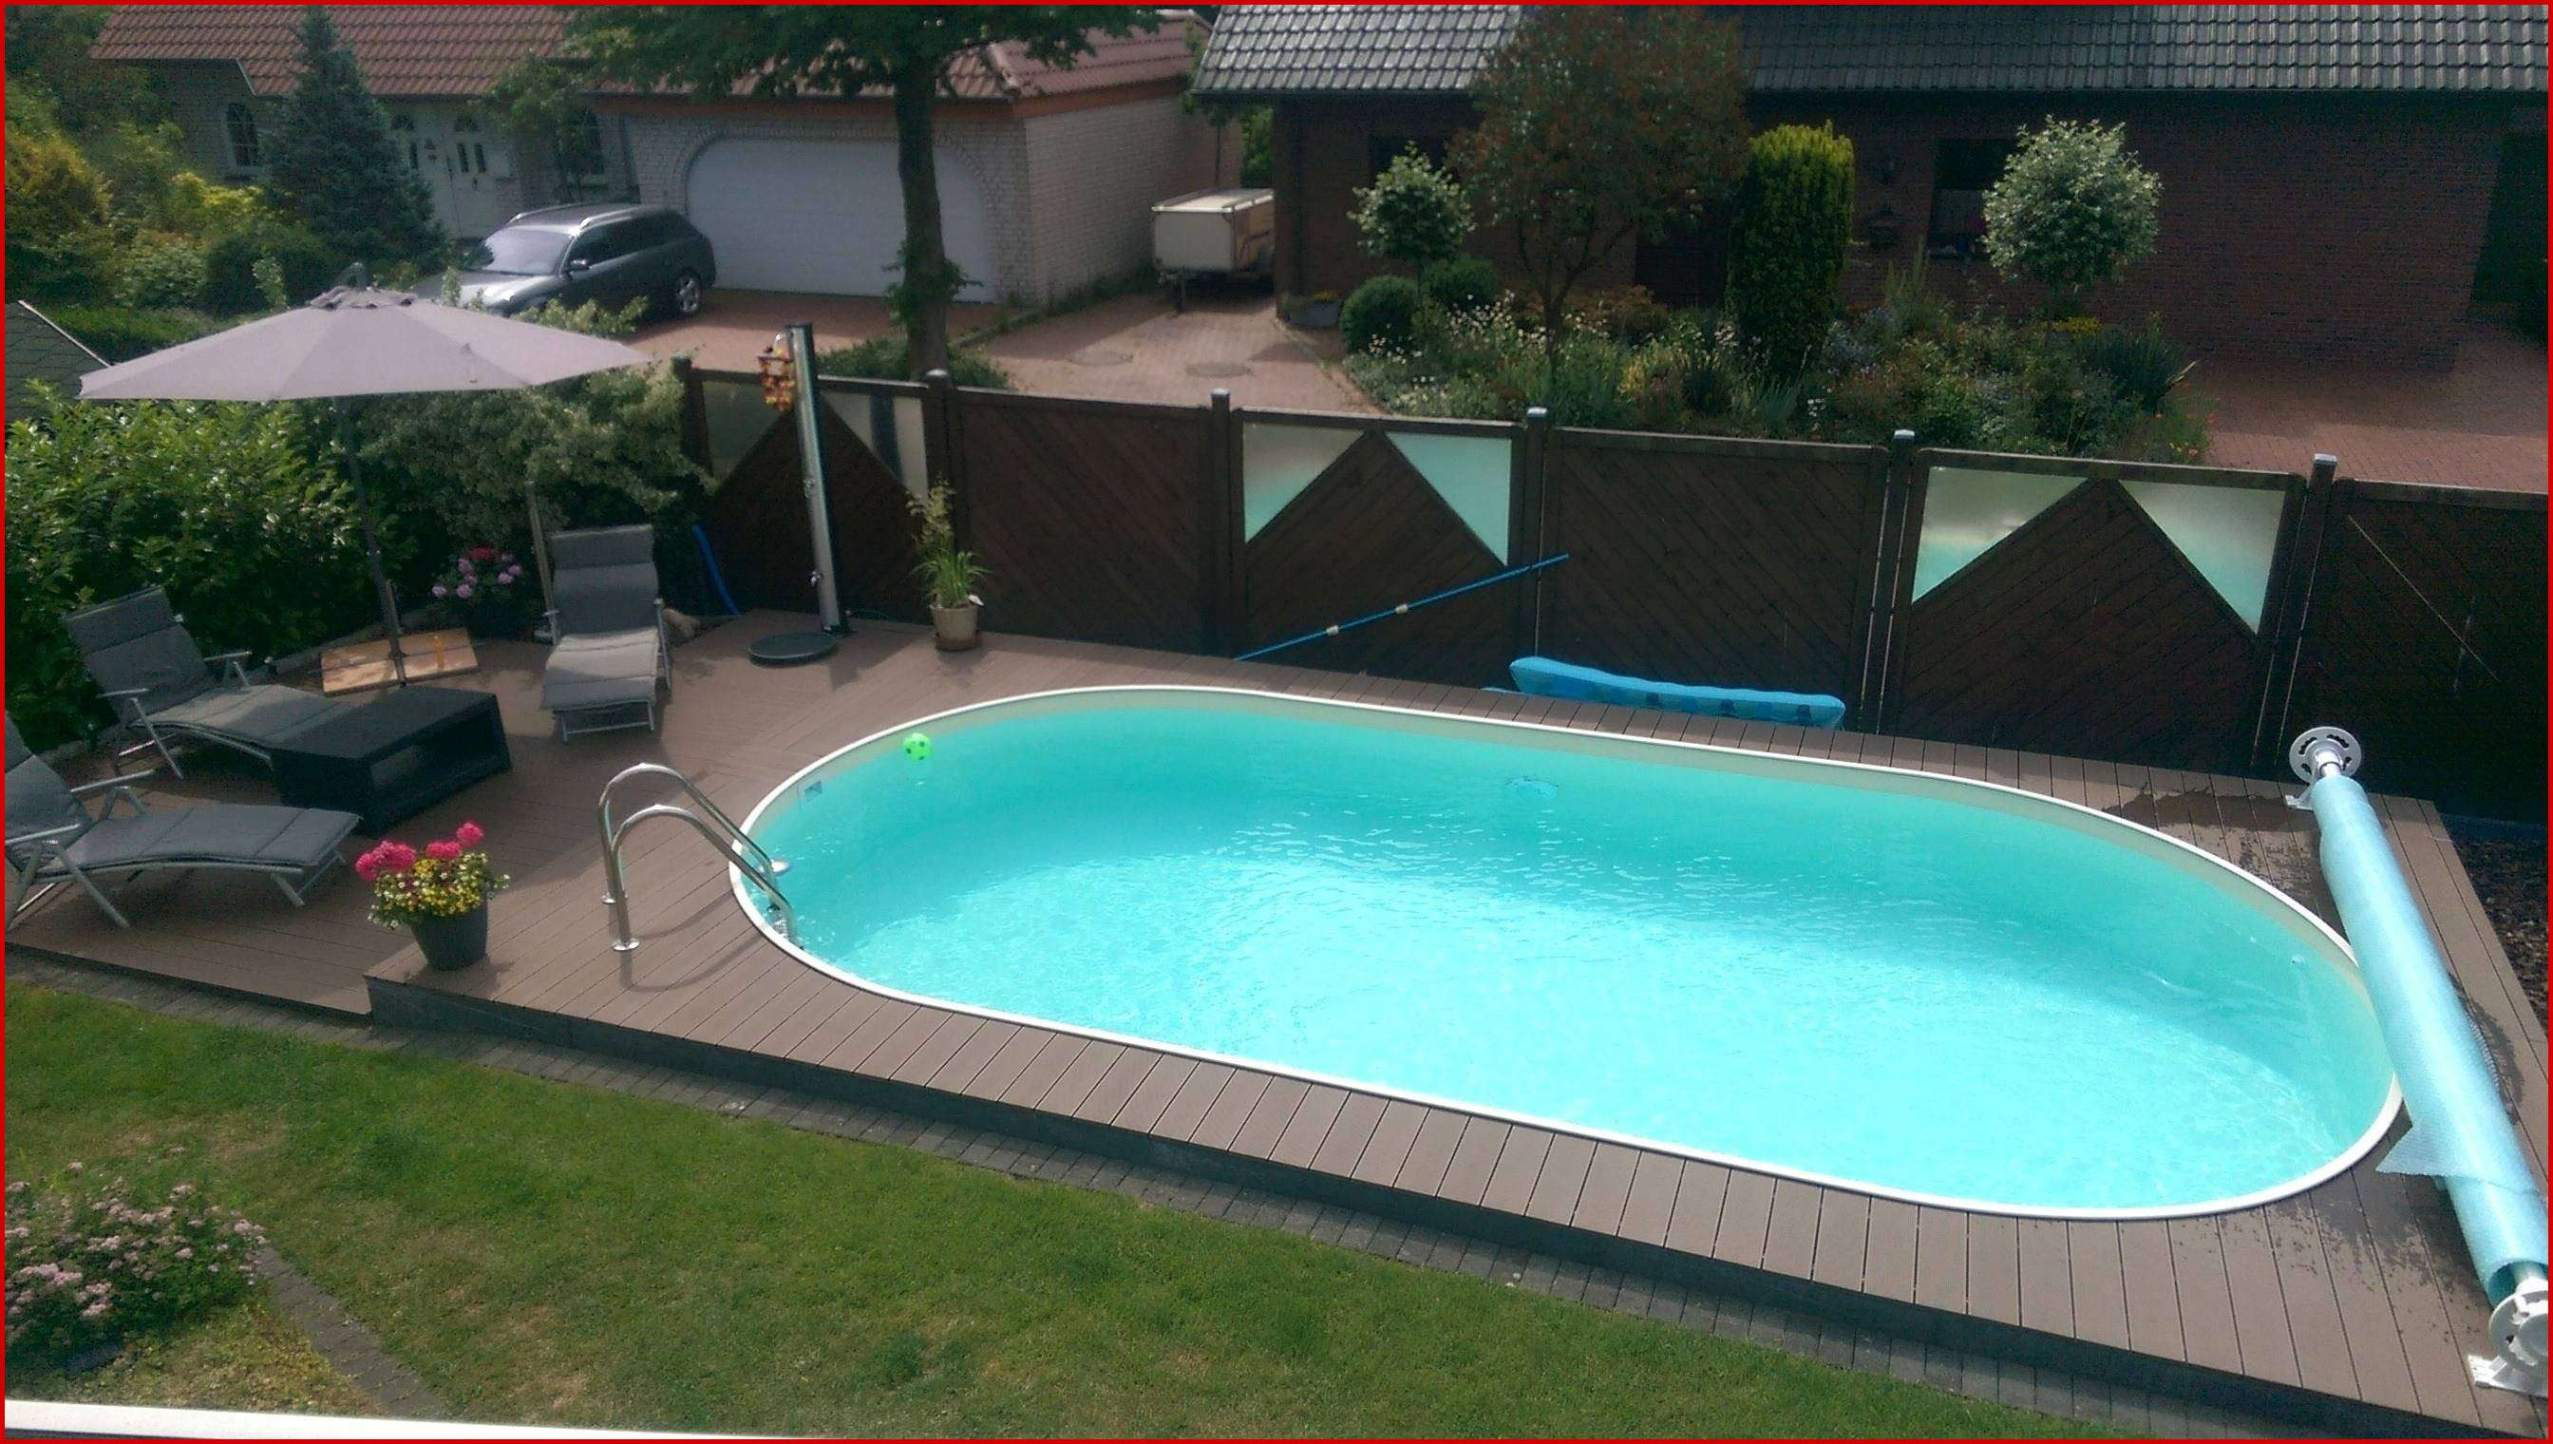 schone garten bilder luxus kleine pools fur kleine garten temobardz home blog of schone garten bilder 3